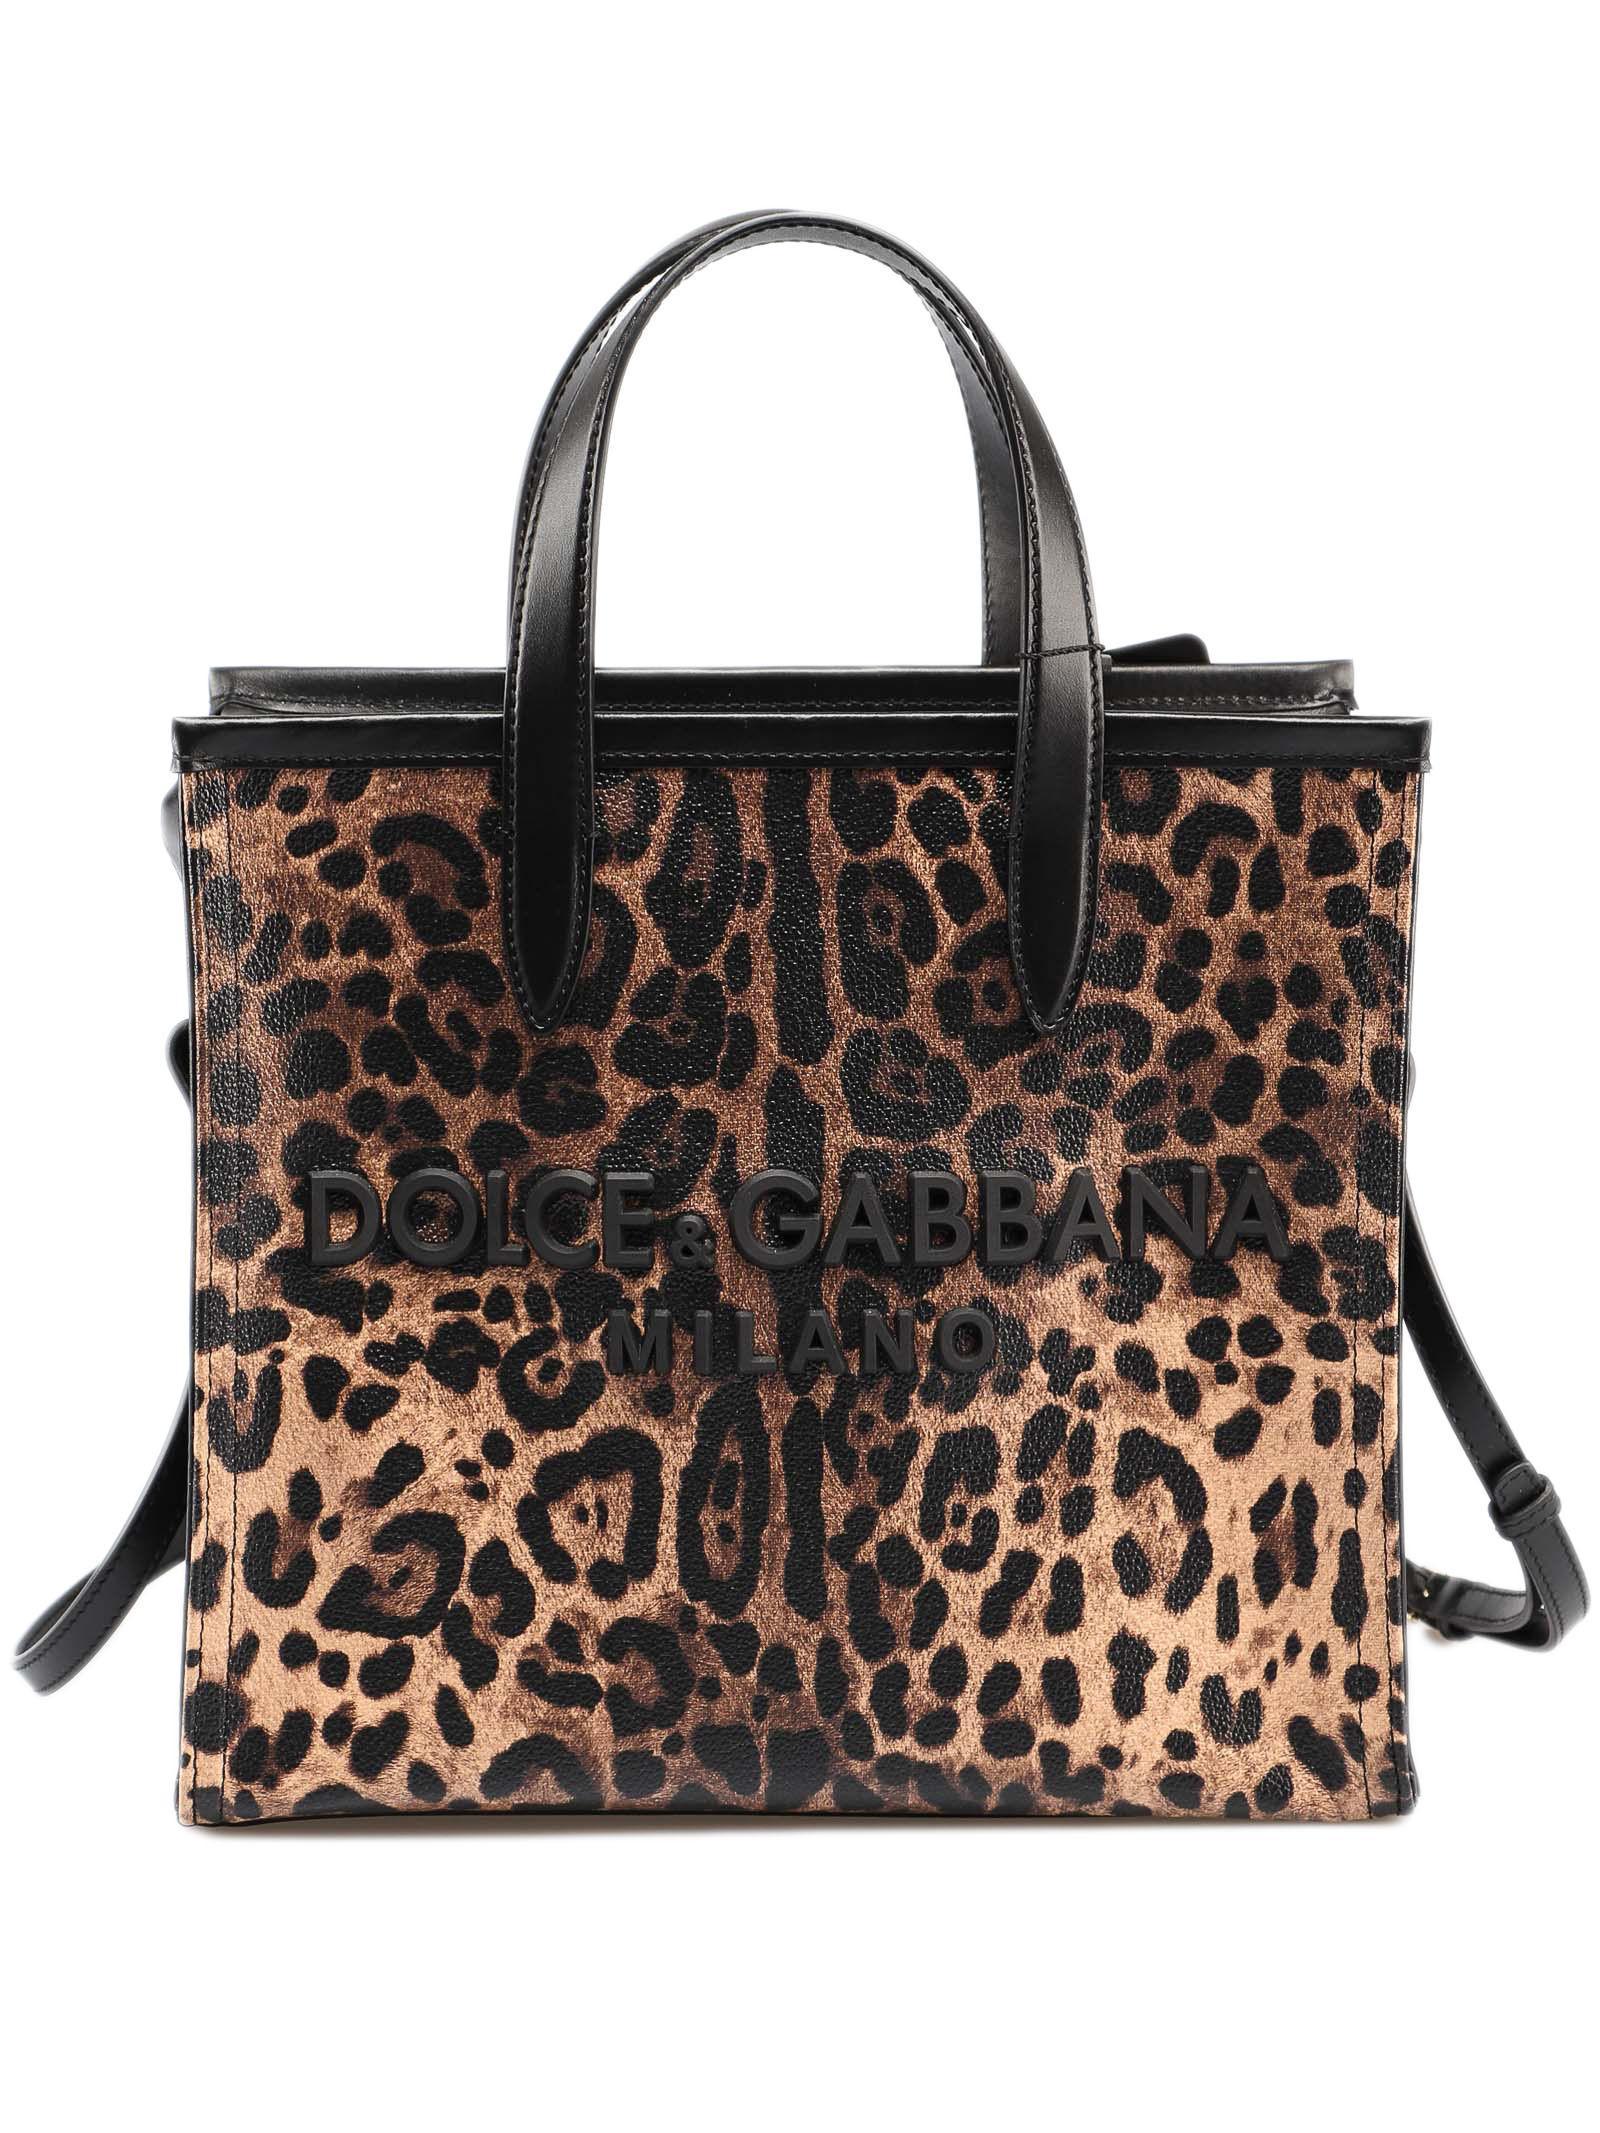 3a9a3616bf0e Lyst - Dolce   Gabbana Crespo Leo Shopping Bag